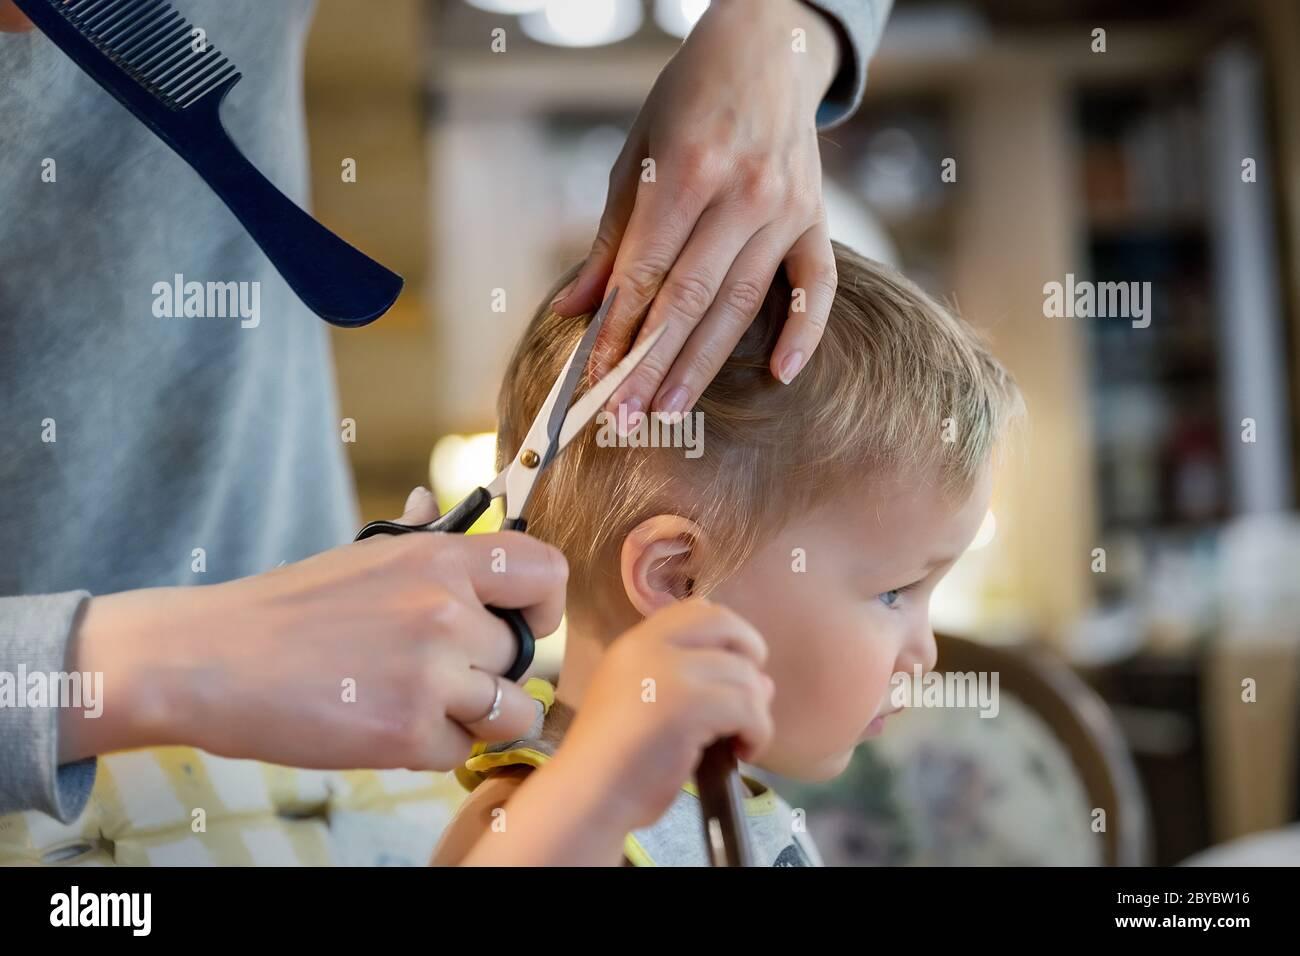 Close-up junge Erwachsene kaukasische Mutter machen Haarschnitt fot niedlich liebenswert Sohn Kleinkind Junge zu Hause durch Quarantäne und Sperrung. Mutter schneiden Haare des Kindes Stockfoto